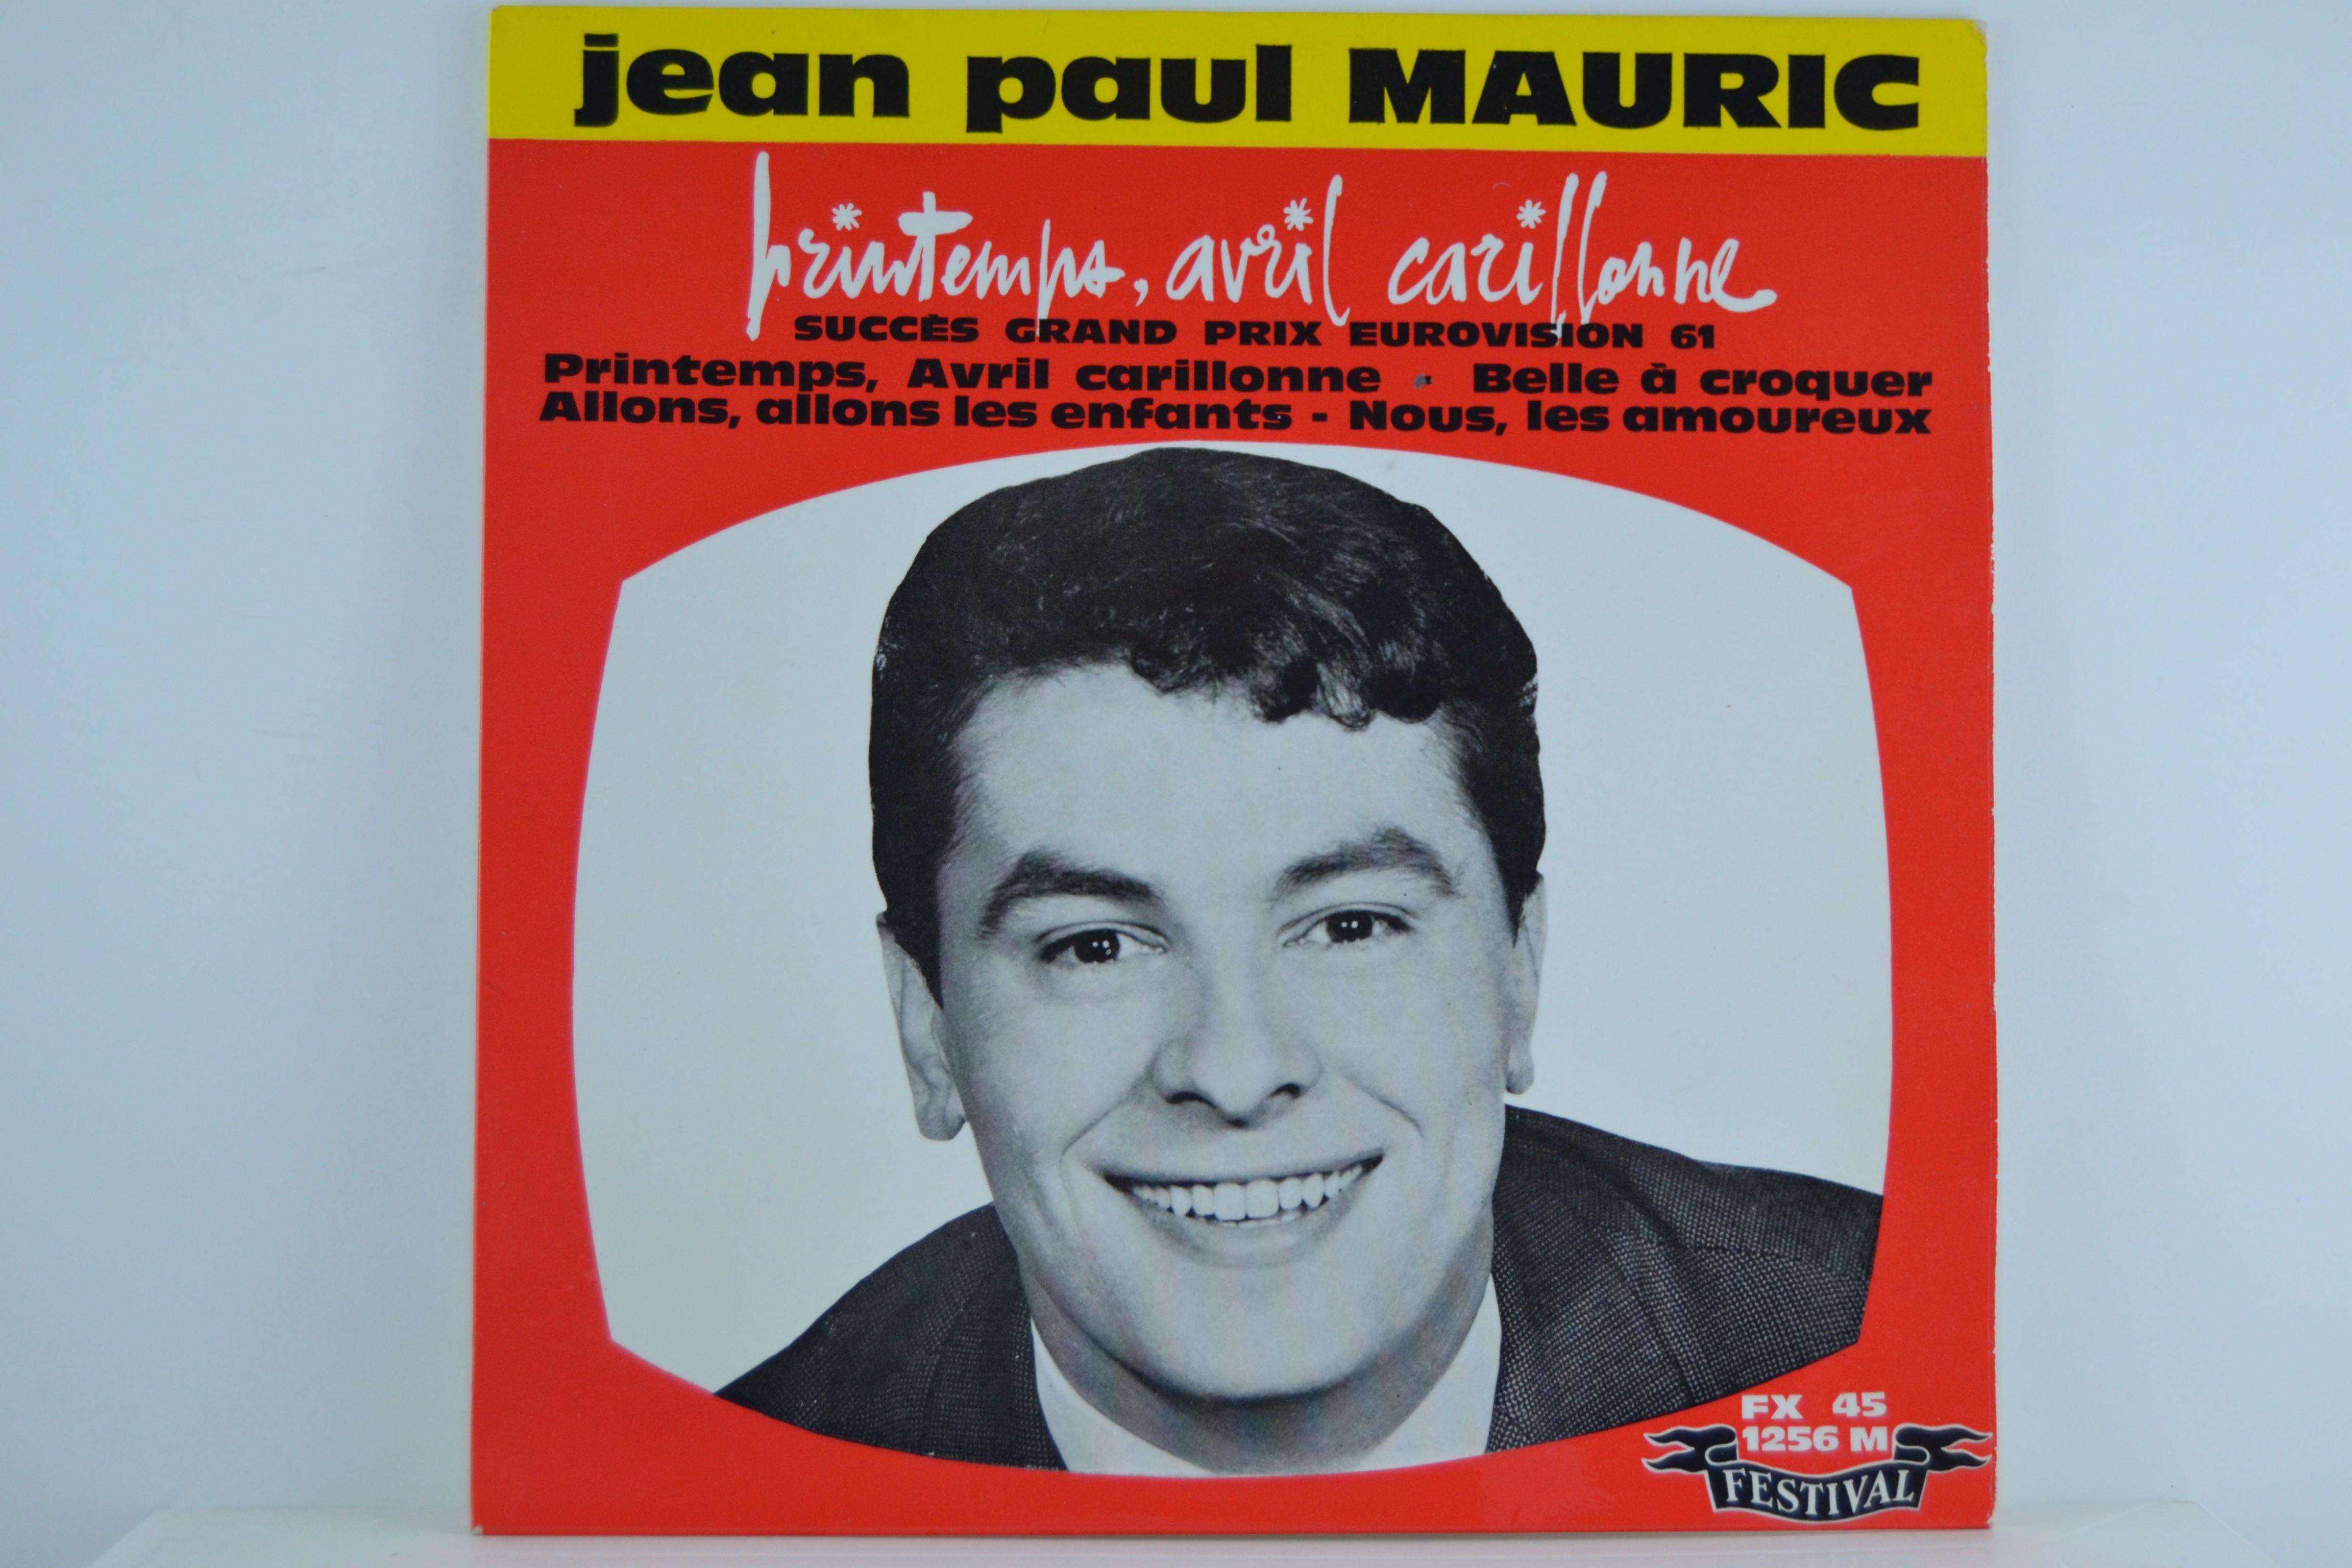 JEAN PAUL MAURIC : (EP) Printemps / Belle a croquer / Allons, allons les enfants / Nous les amoureux